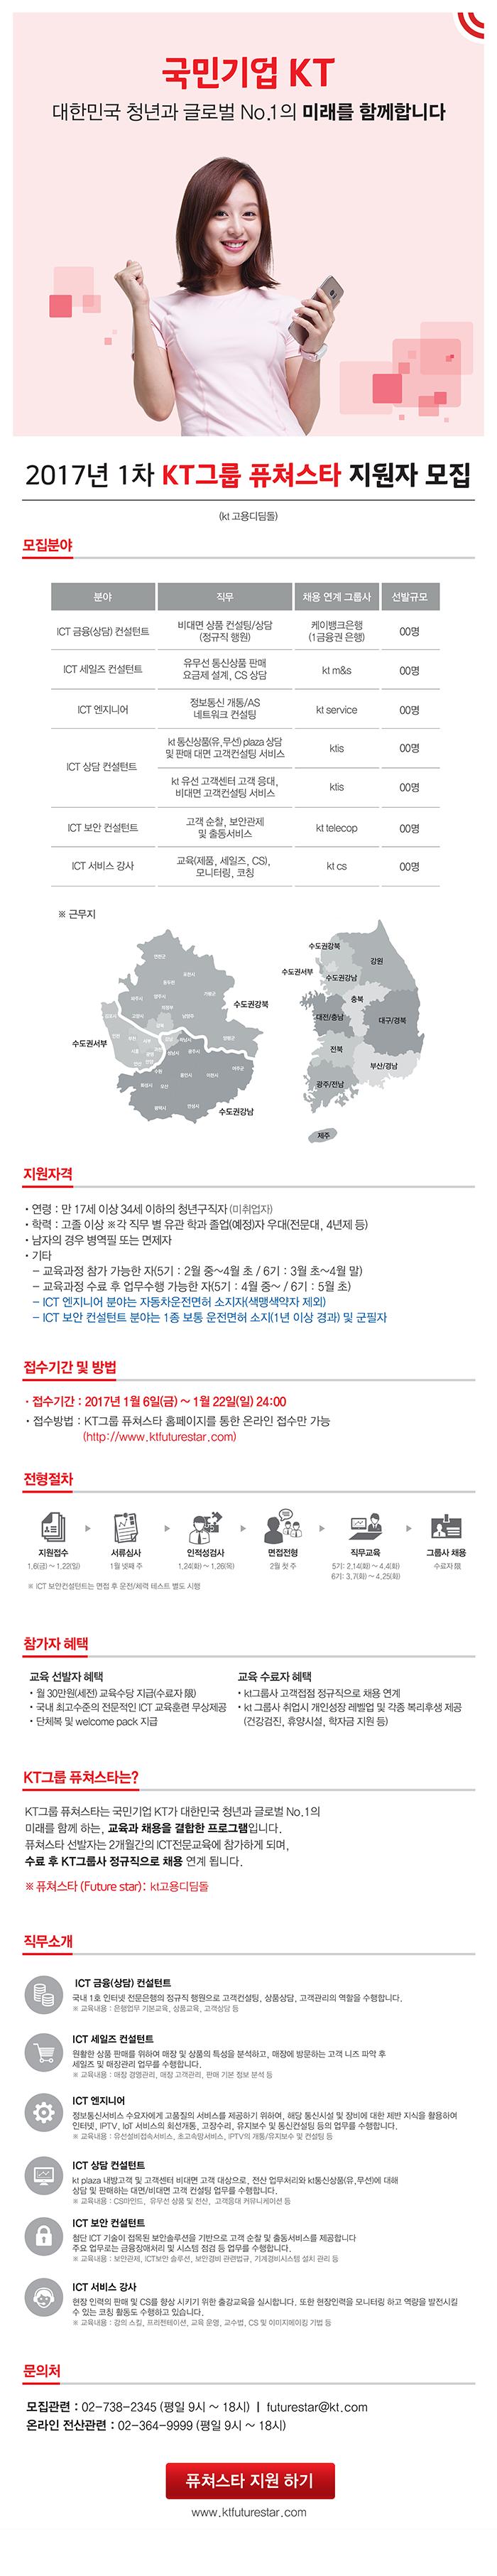 2017 1차 KT그룹 퓨쳐스타 지원자 모집